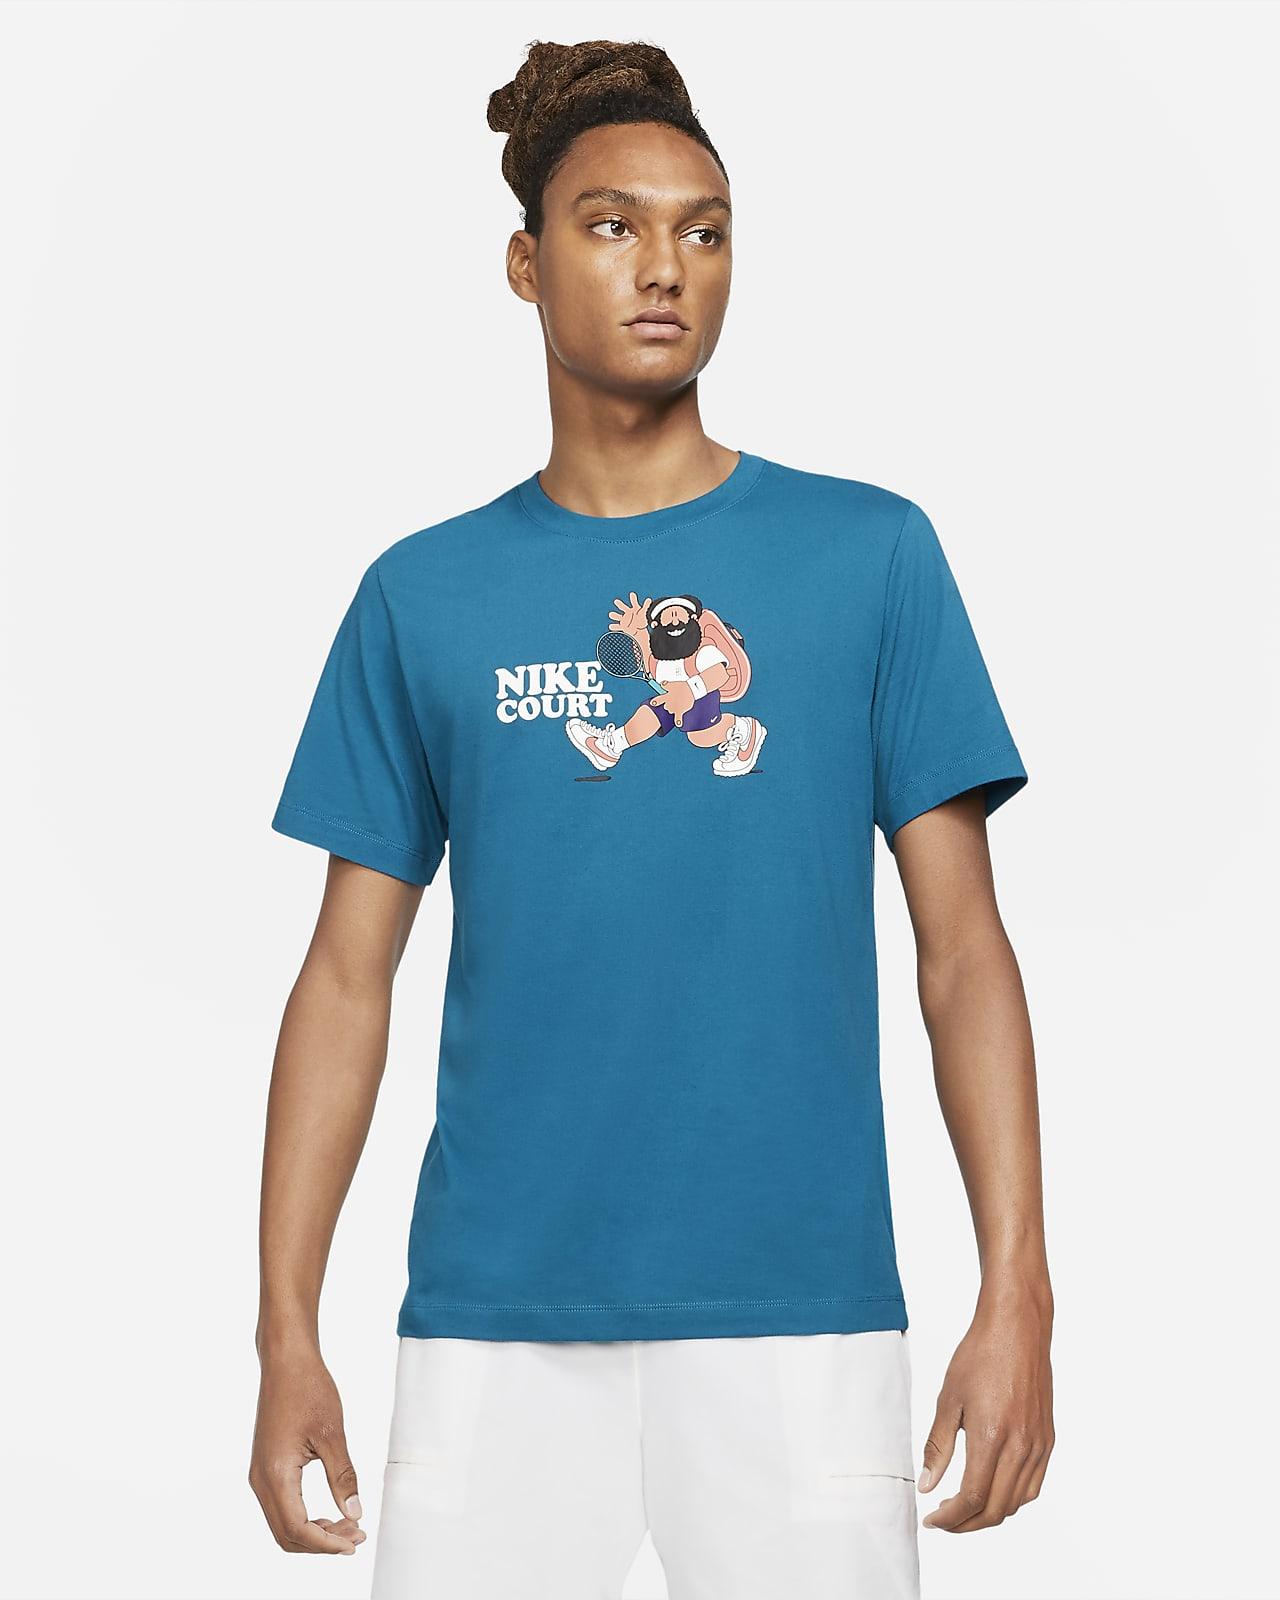 T-shirt da tennis NikeCourt - Uomo